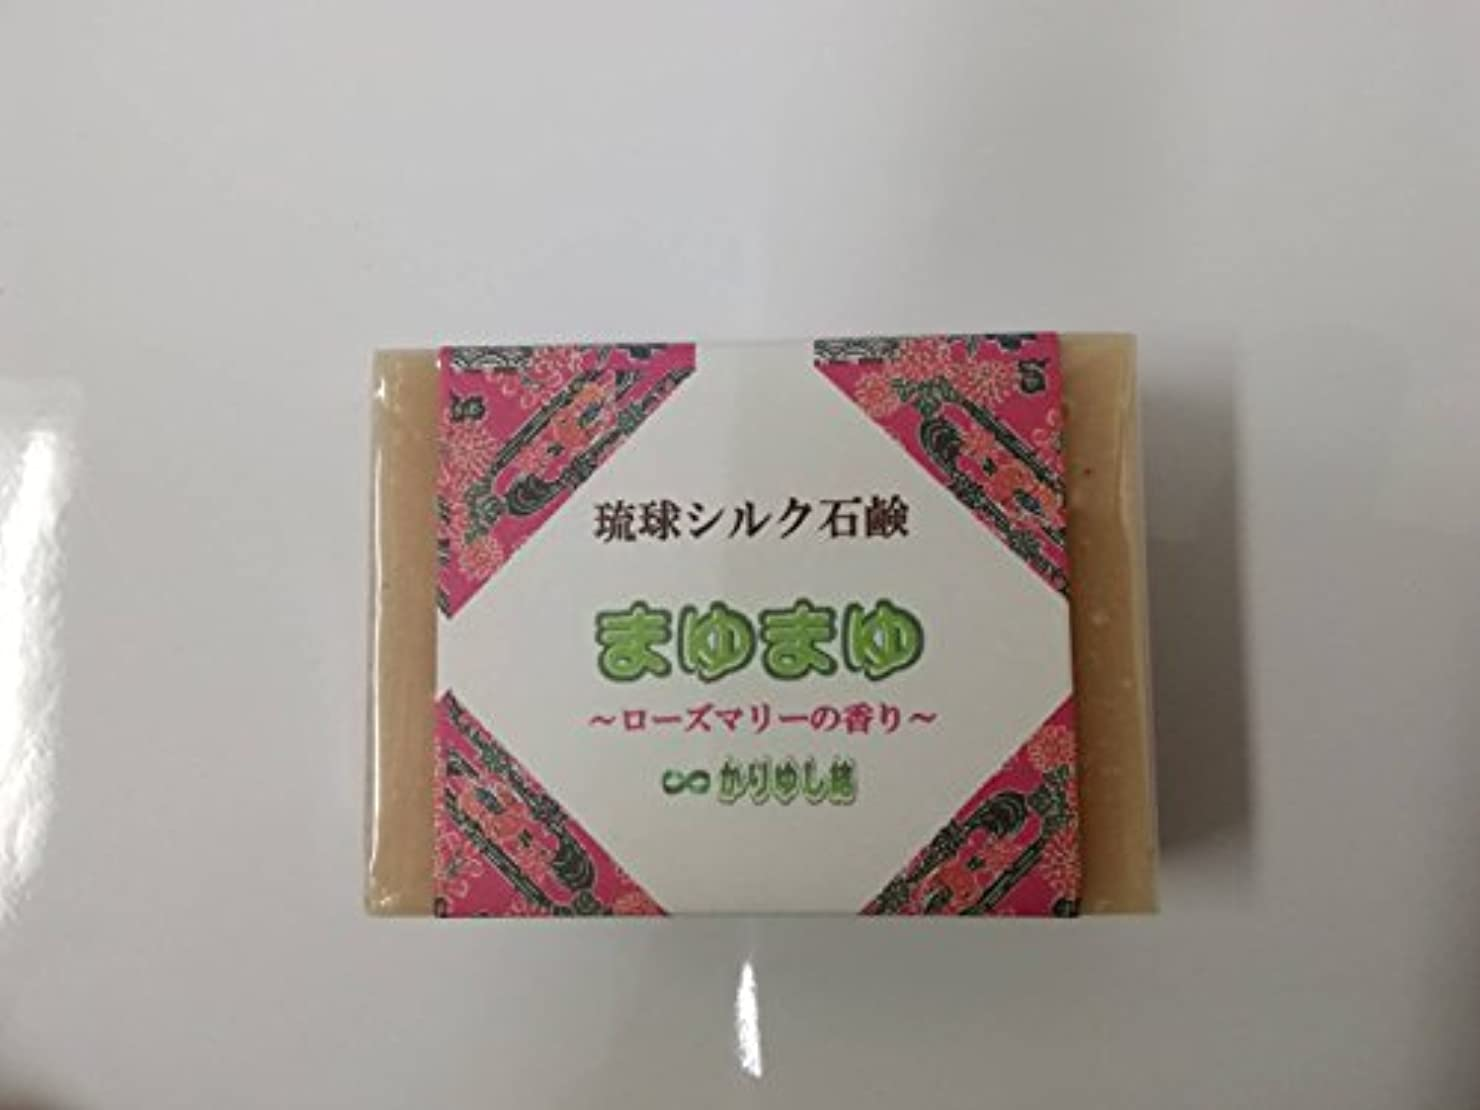 壁毒液継続中琉球シルク石鹸 まゆまゆ ピンクカオリン ローズマリーの香り